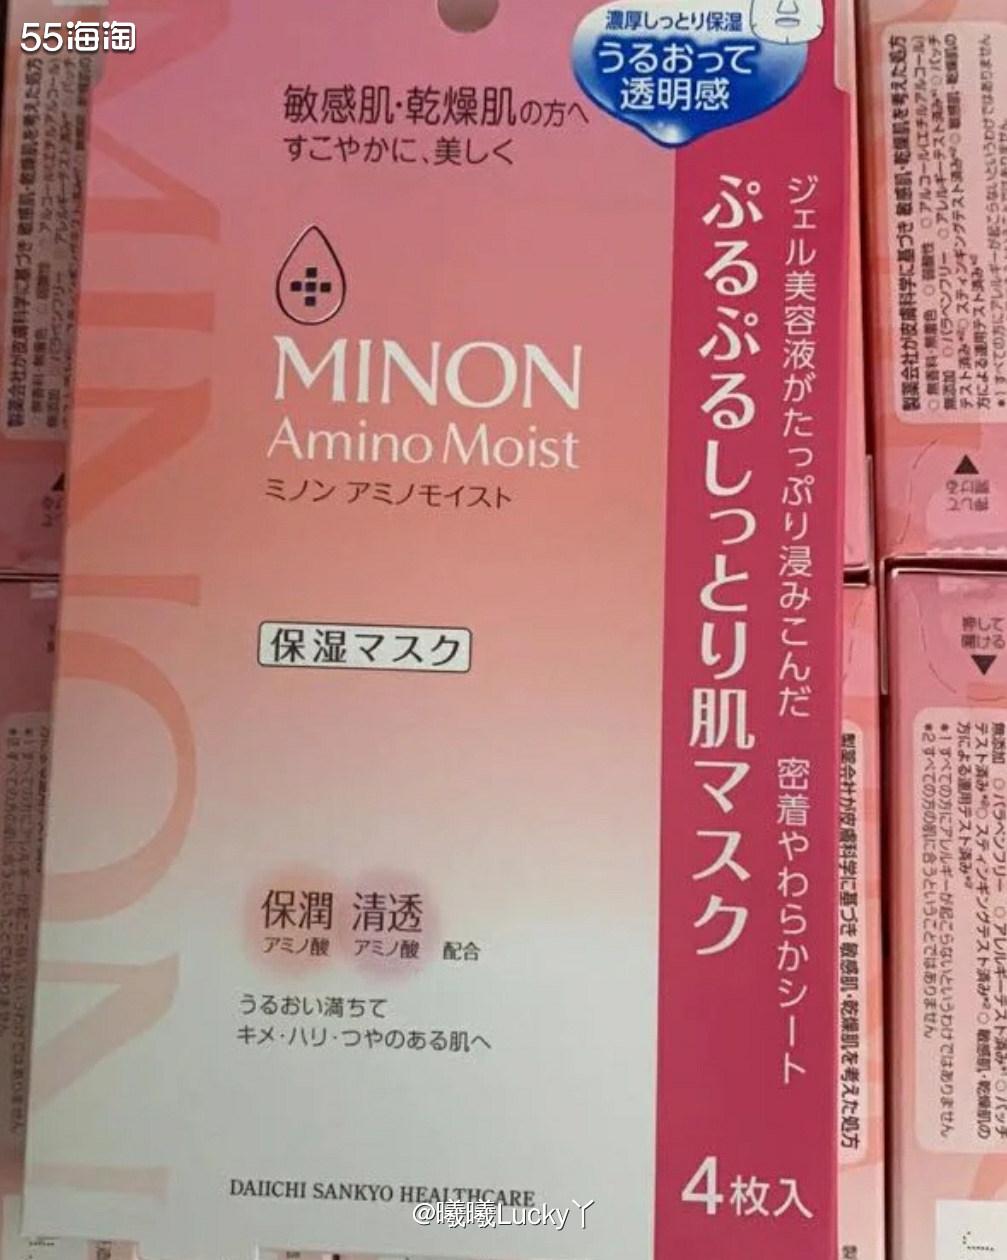 贴心呵护敏感肌✔ Minon 氨基酸面膜  ♛minon的这